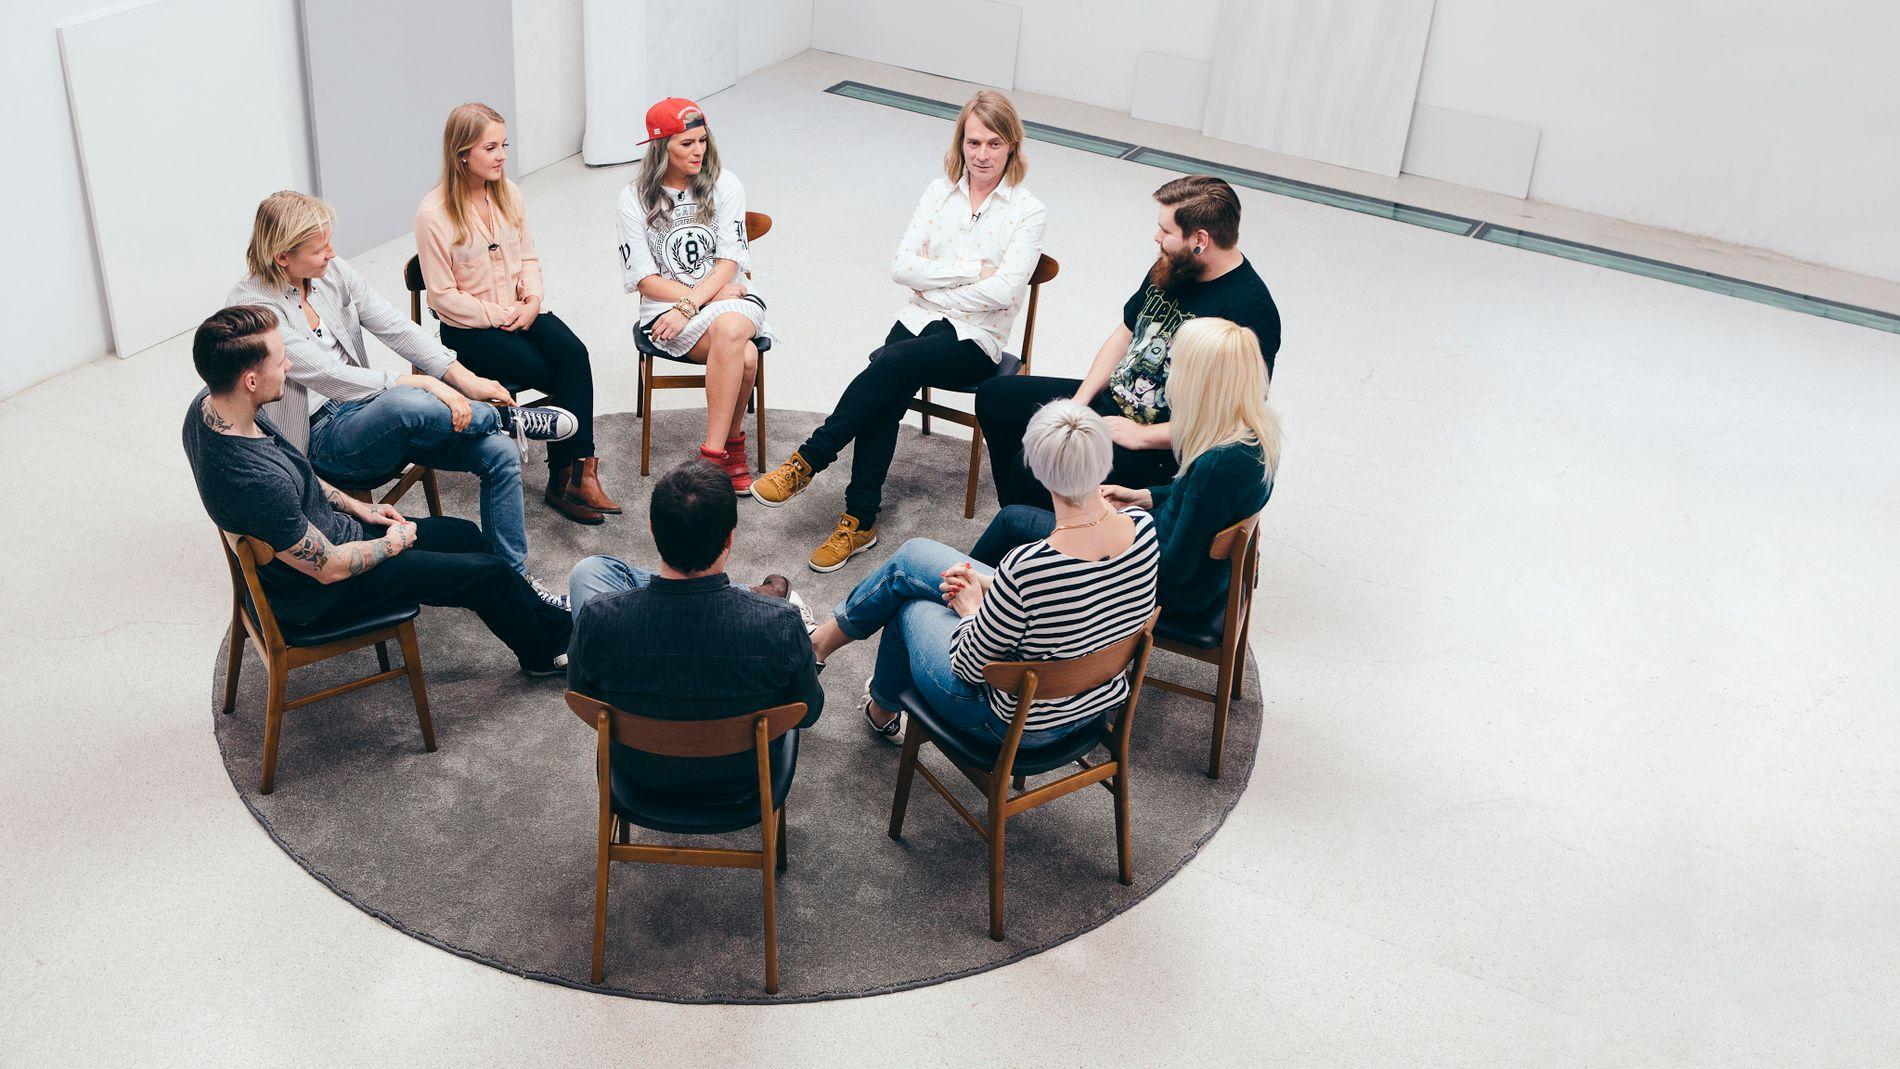 BANER VEI: Deltakerne i «Jeg mot meg» i gruppeterapi med psykolog Peder Kjøs øverst i midten.